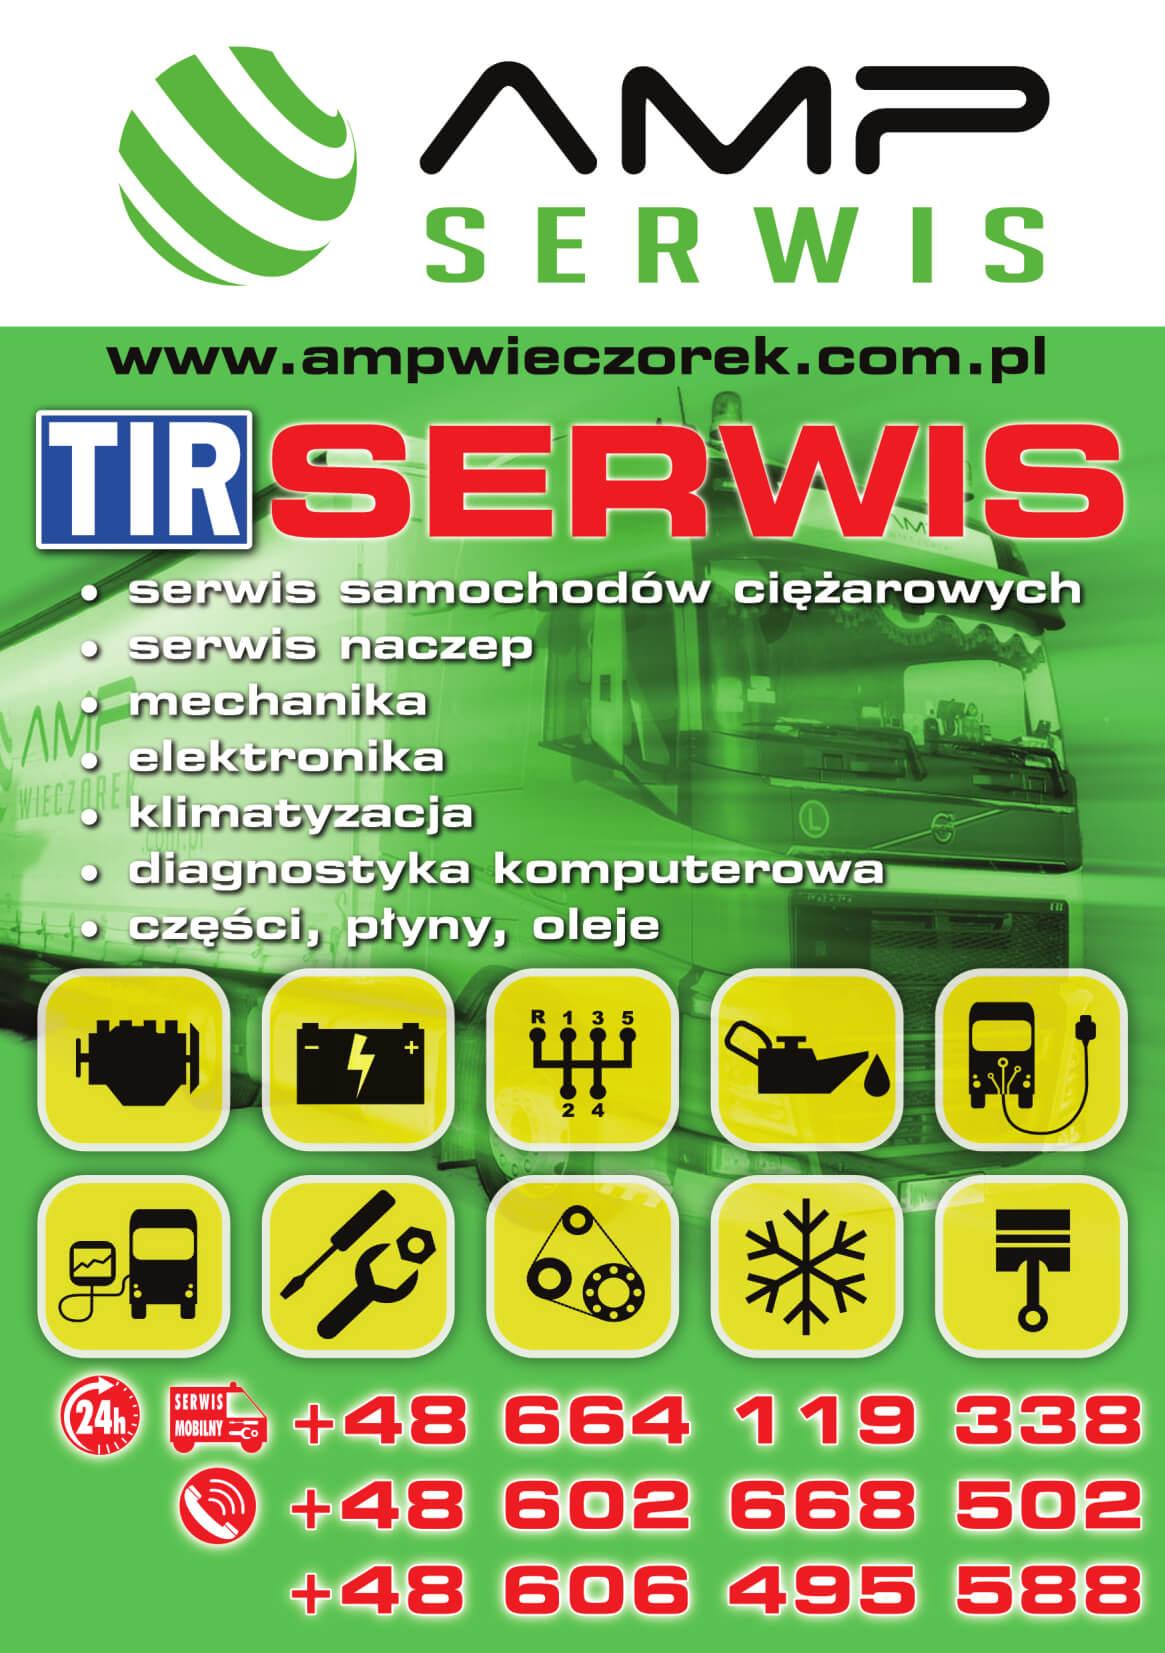 serwis1